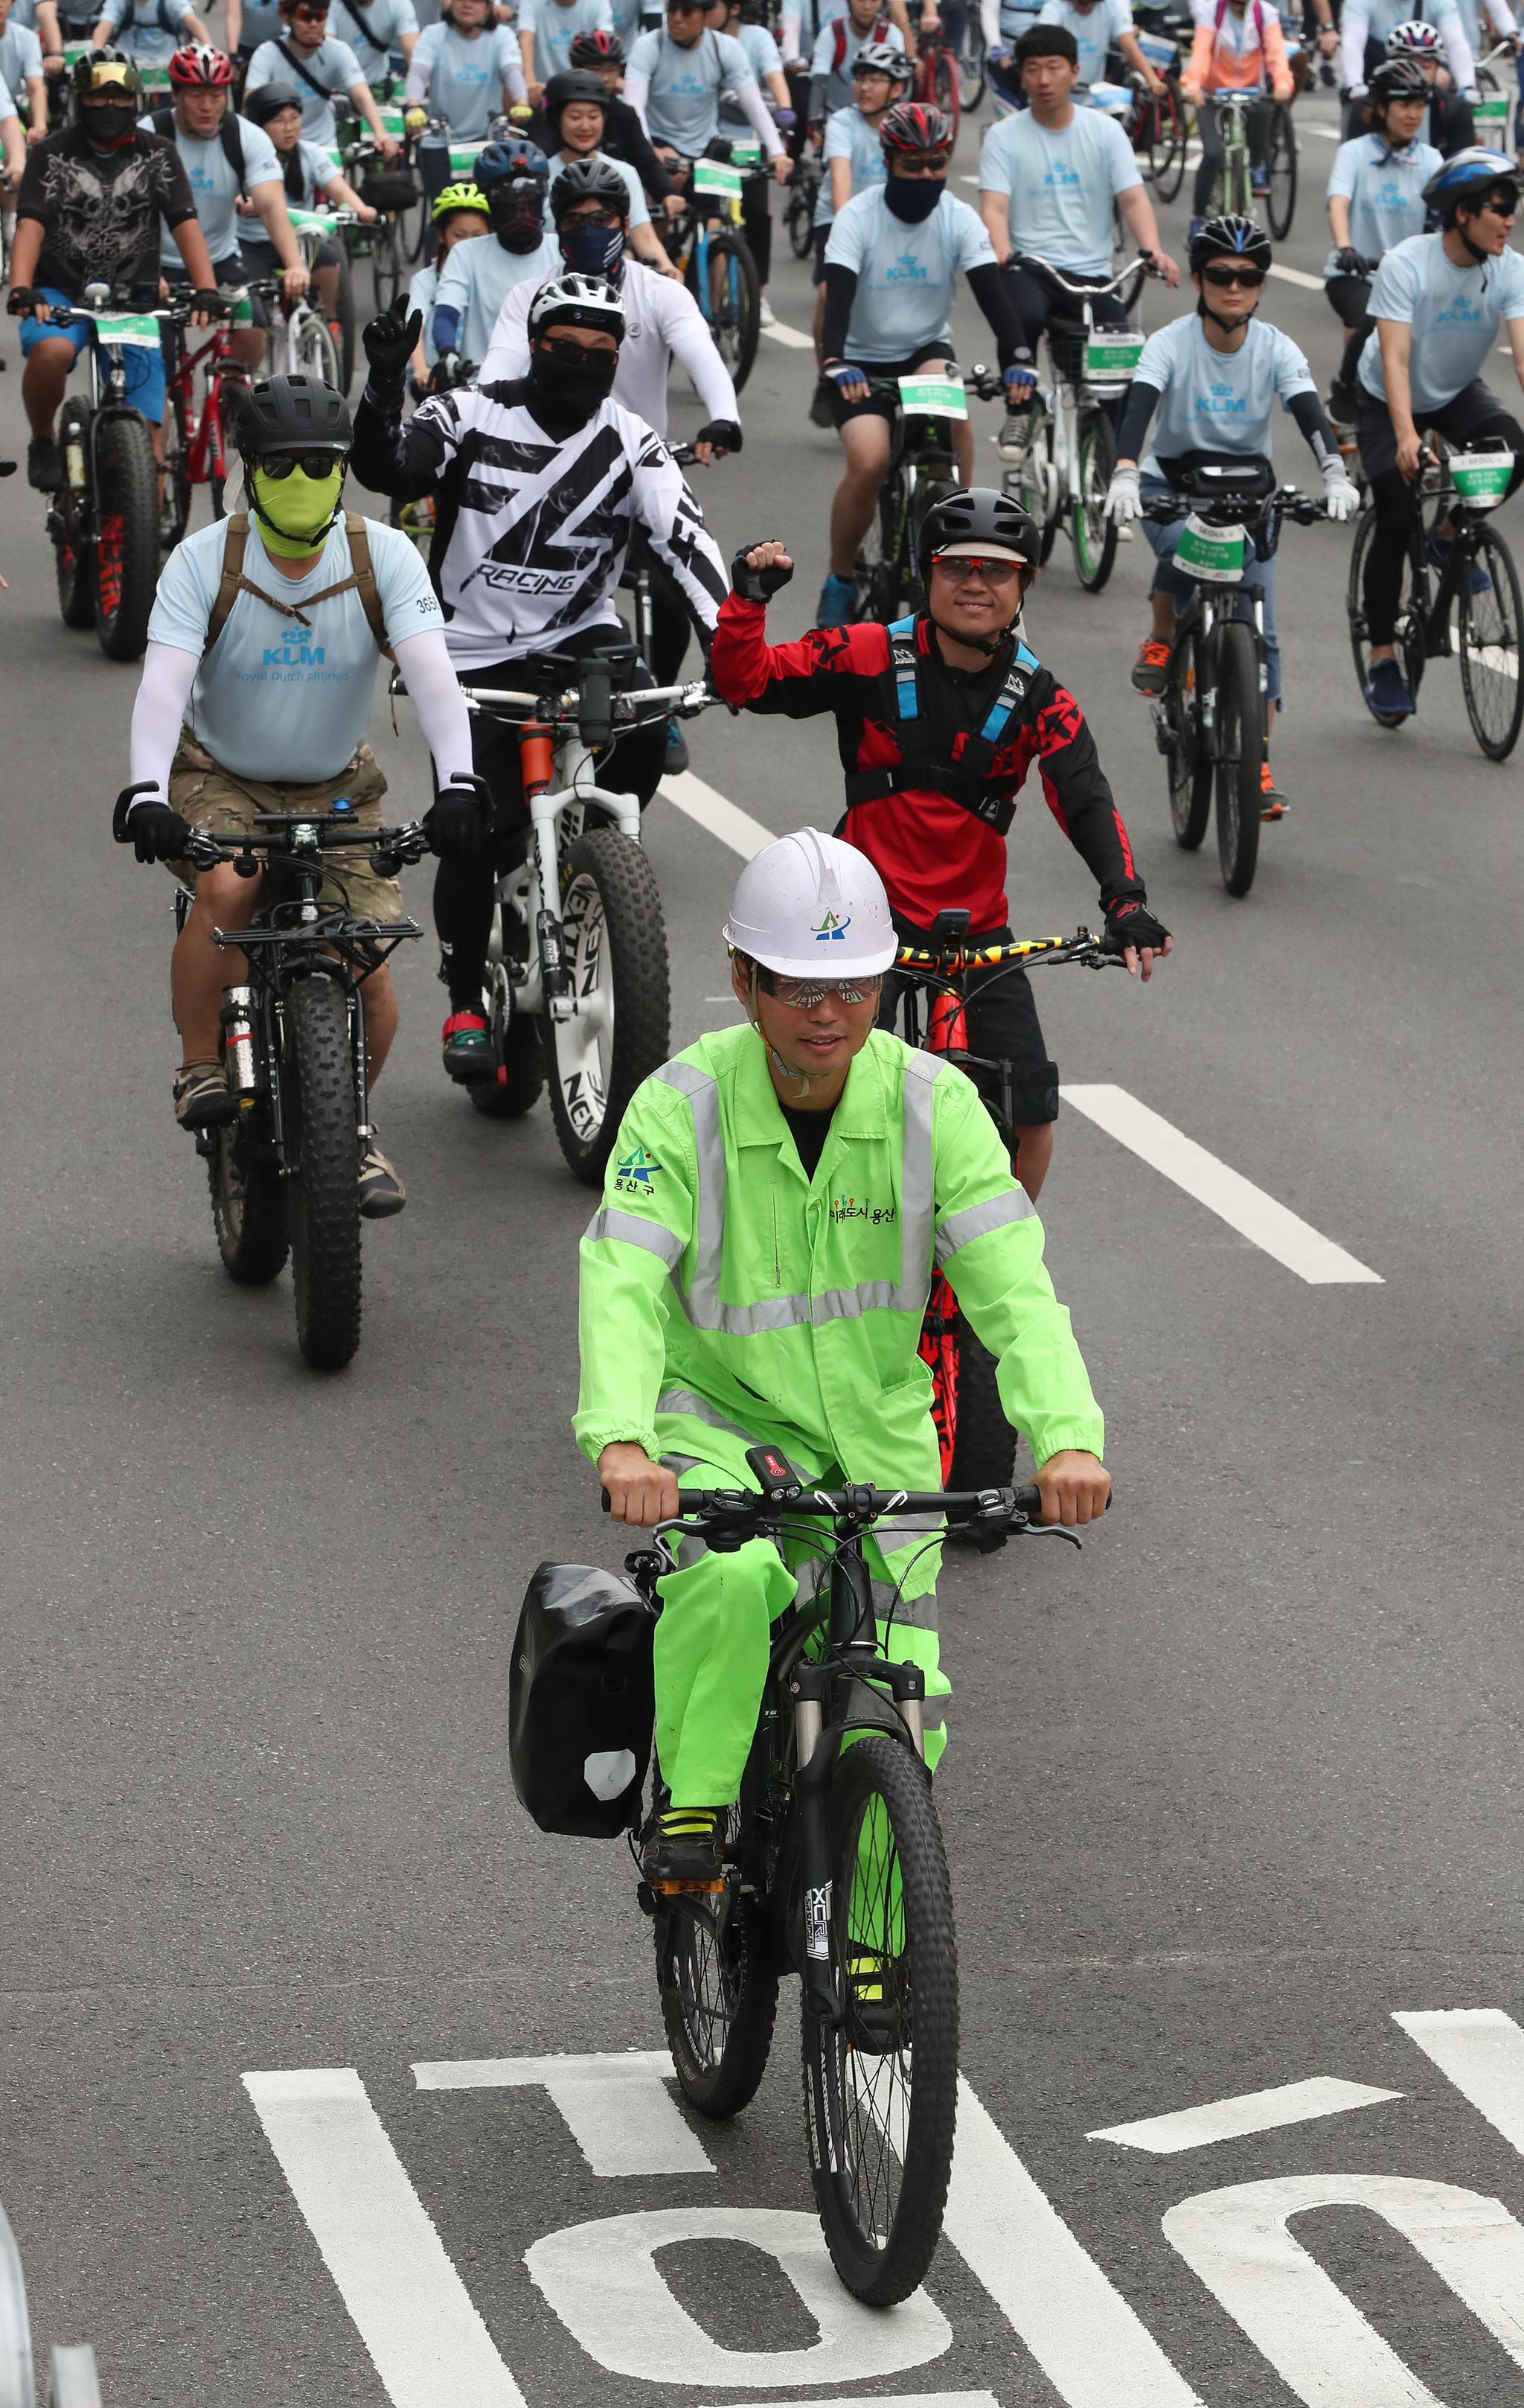 환경 미화문 복장의 참가자가 자전거를 타고 있다. 우상조 기자